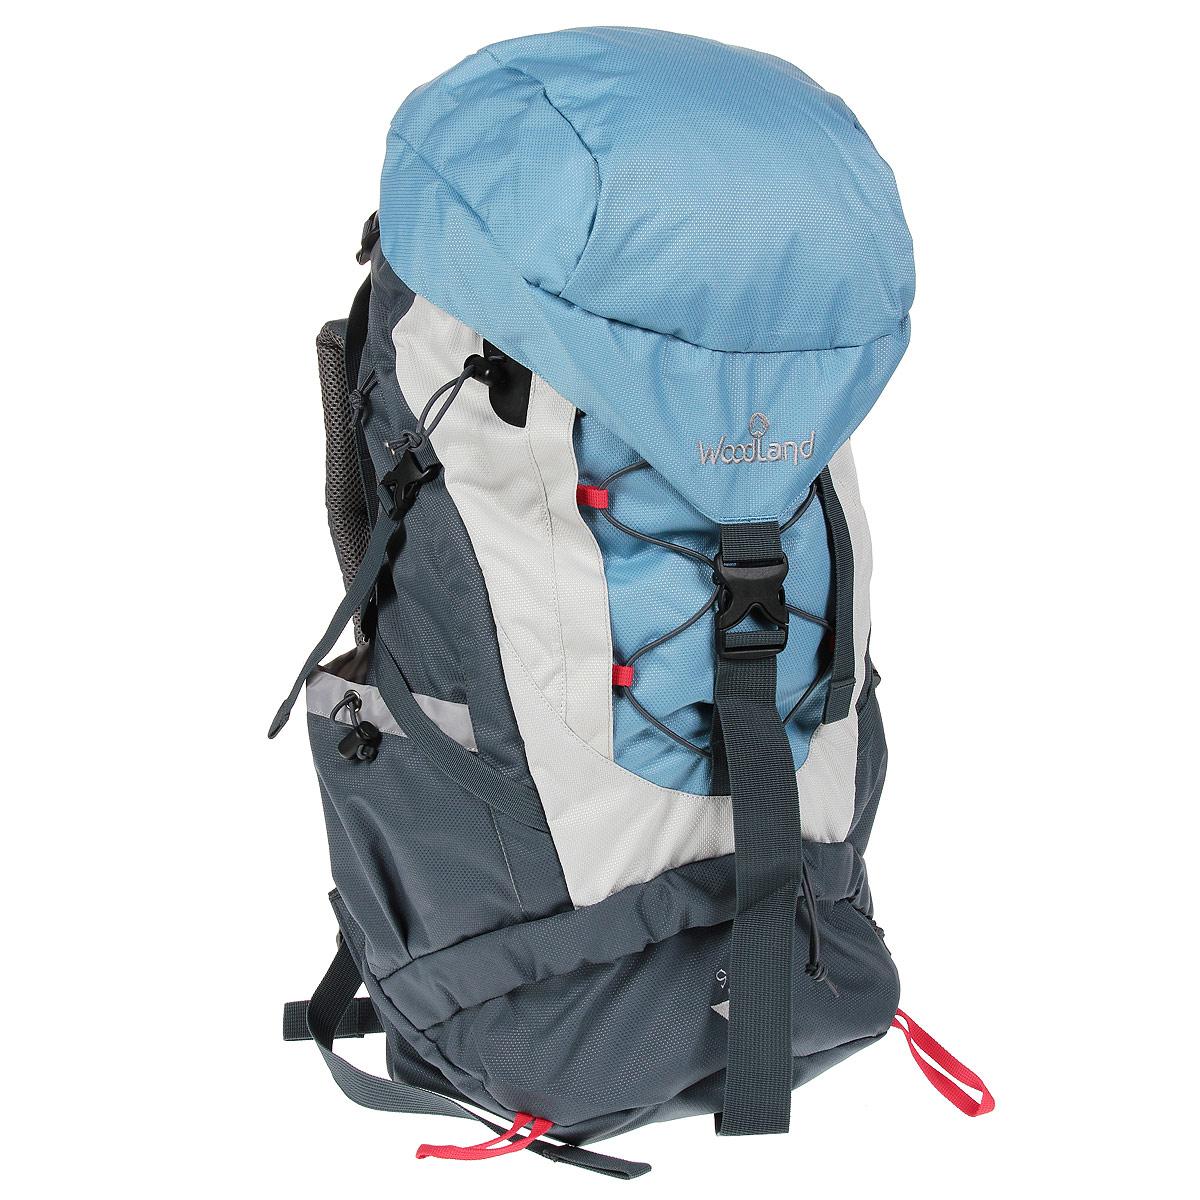 Рюкзак WoodLand Sky 60, цвет: синий, светло-серый, темно-серыйKOC-H19-LEDКачественный и функциональный рюкзак WoodLand Sky 60 для любых путешествий. Оснащен удобной регулируемой подвесной системой VRS. Быстрый доступ в любую часть рюкзака. Универсальный объем. Малый вес. Удобное решение для новых задач.Особенности рюкзака:Съемный клапан с верхним карманом.Кармашек для плеера в клапане + выход для наушников.Верхний, нижний и боковой вход в основное отделение.Диафрагма типа кулиска, перекрывается затягиванием шнура и фиксируется стоппером.Три внешних кармана.Широкий поясной ремень с кармашком для мелочей.Боковые карманы выполнены из основного материала.Широкие S-образные лямки.Грудная стяжка с резиновым компенсатором.Пластиковая фурнитура YKK.